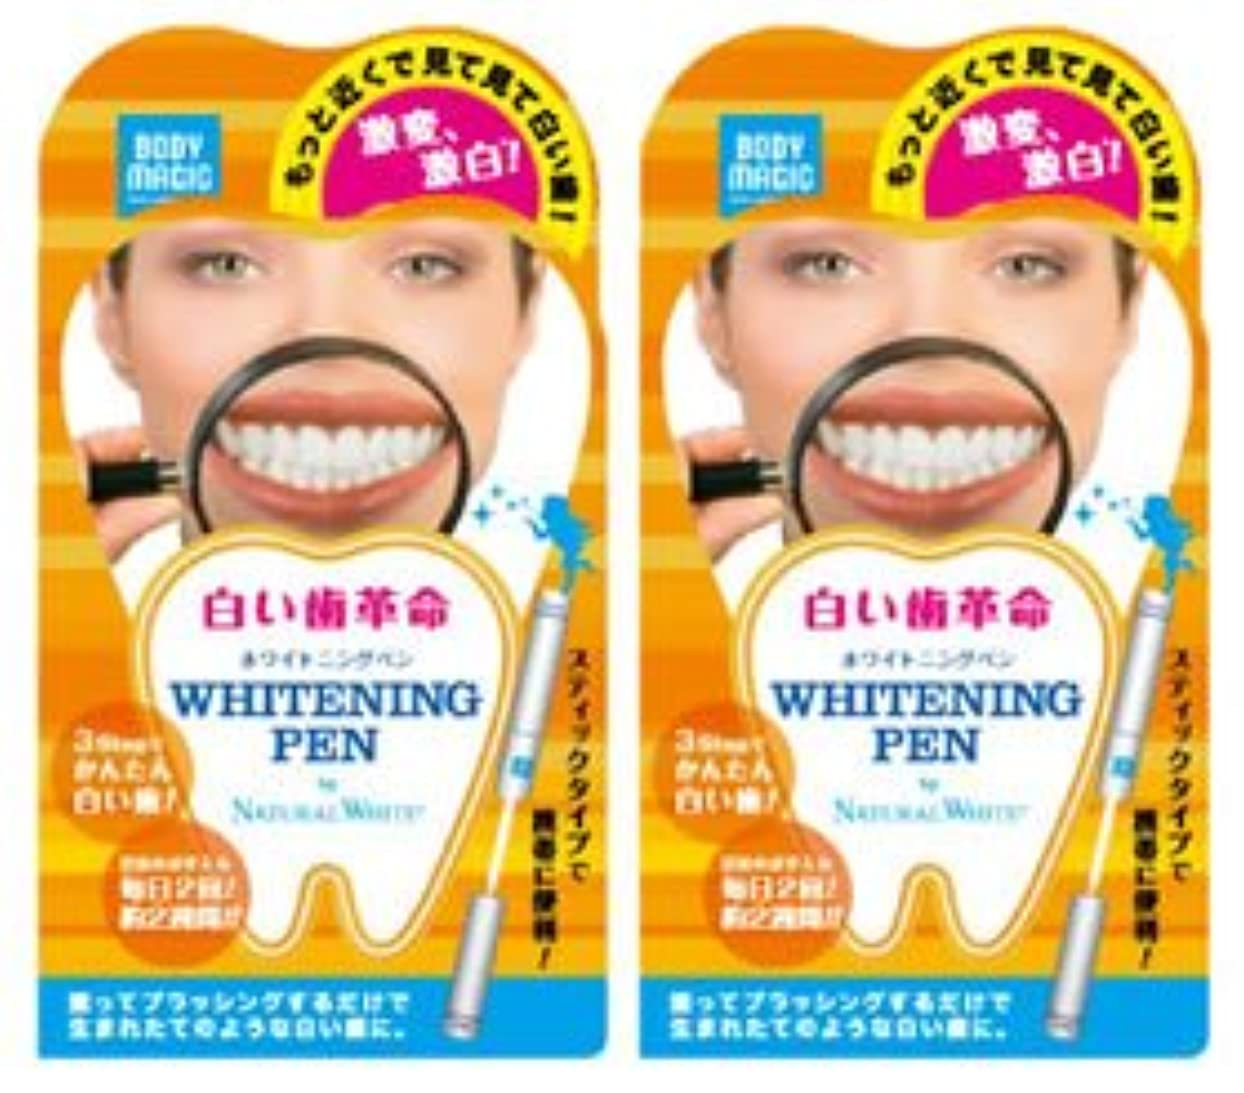 がっかりした気難しい億《セット販売》 ナチュラルホワイト ボディマジック ホワイトニングペン 2個セット 【白い歯革命】 ラピッドホワイトBスティック 【ジェルハミガキ】